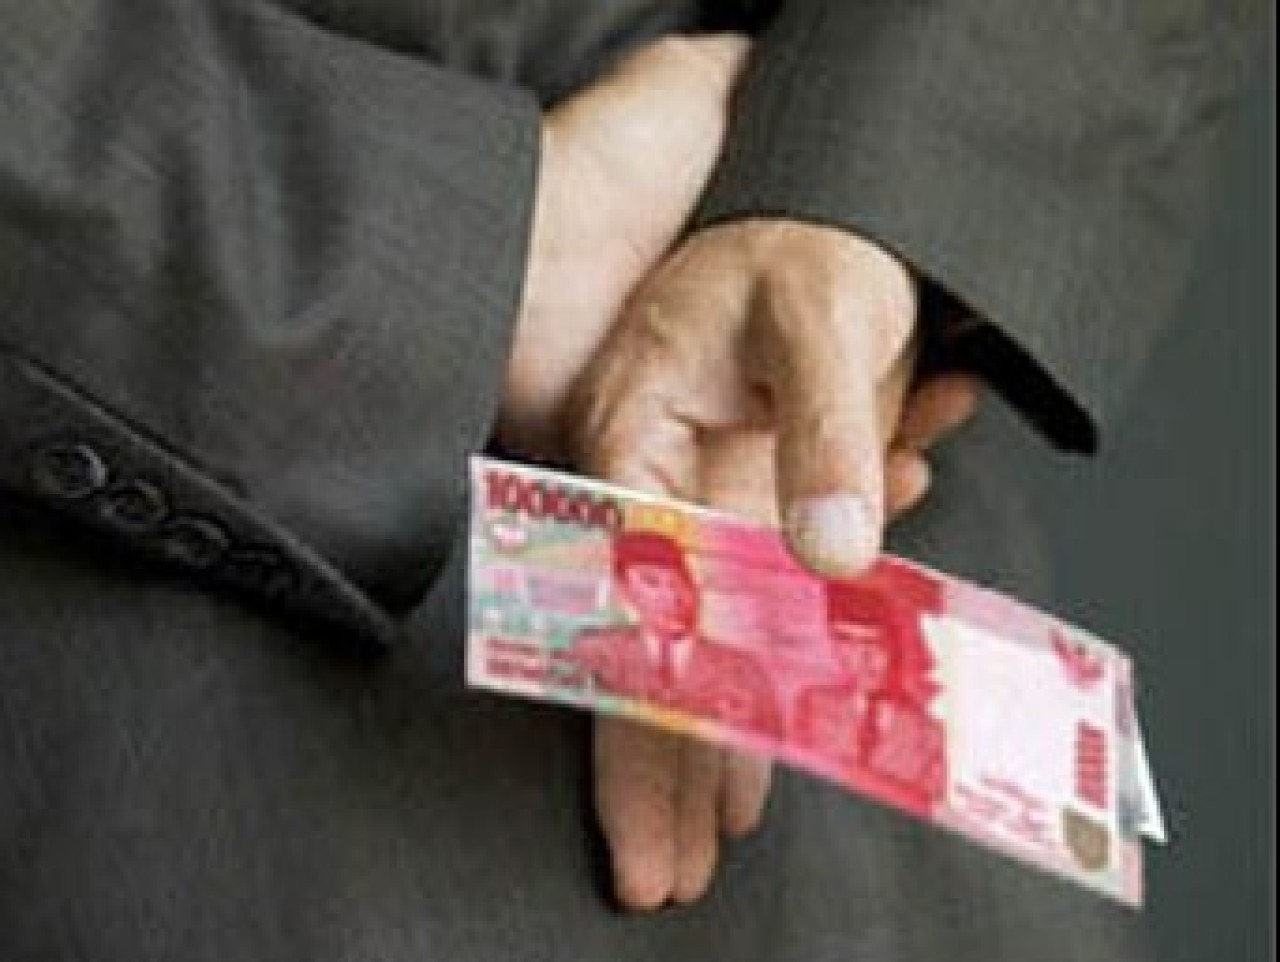 Setor Uang ke Atasan Agar Naik Pangkat, Bolehkah?